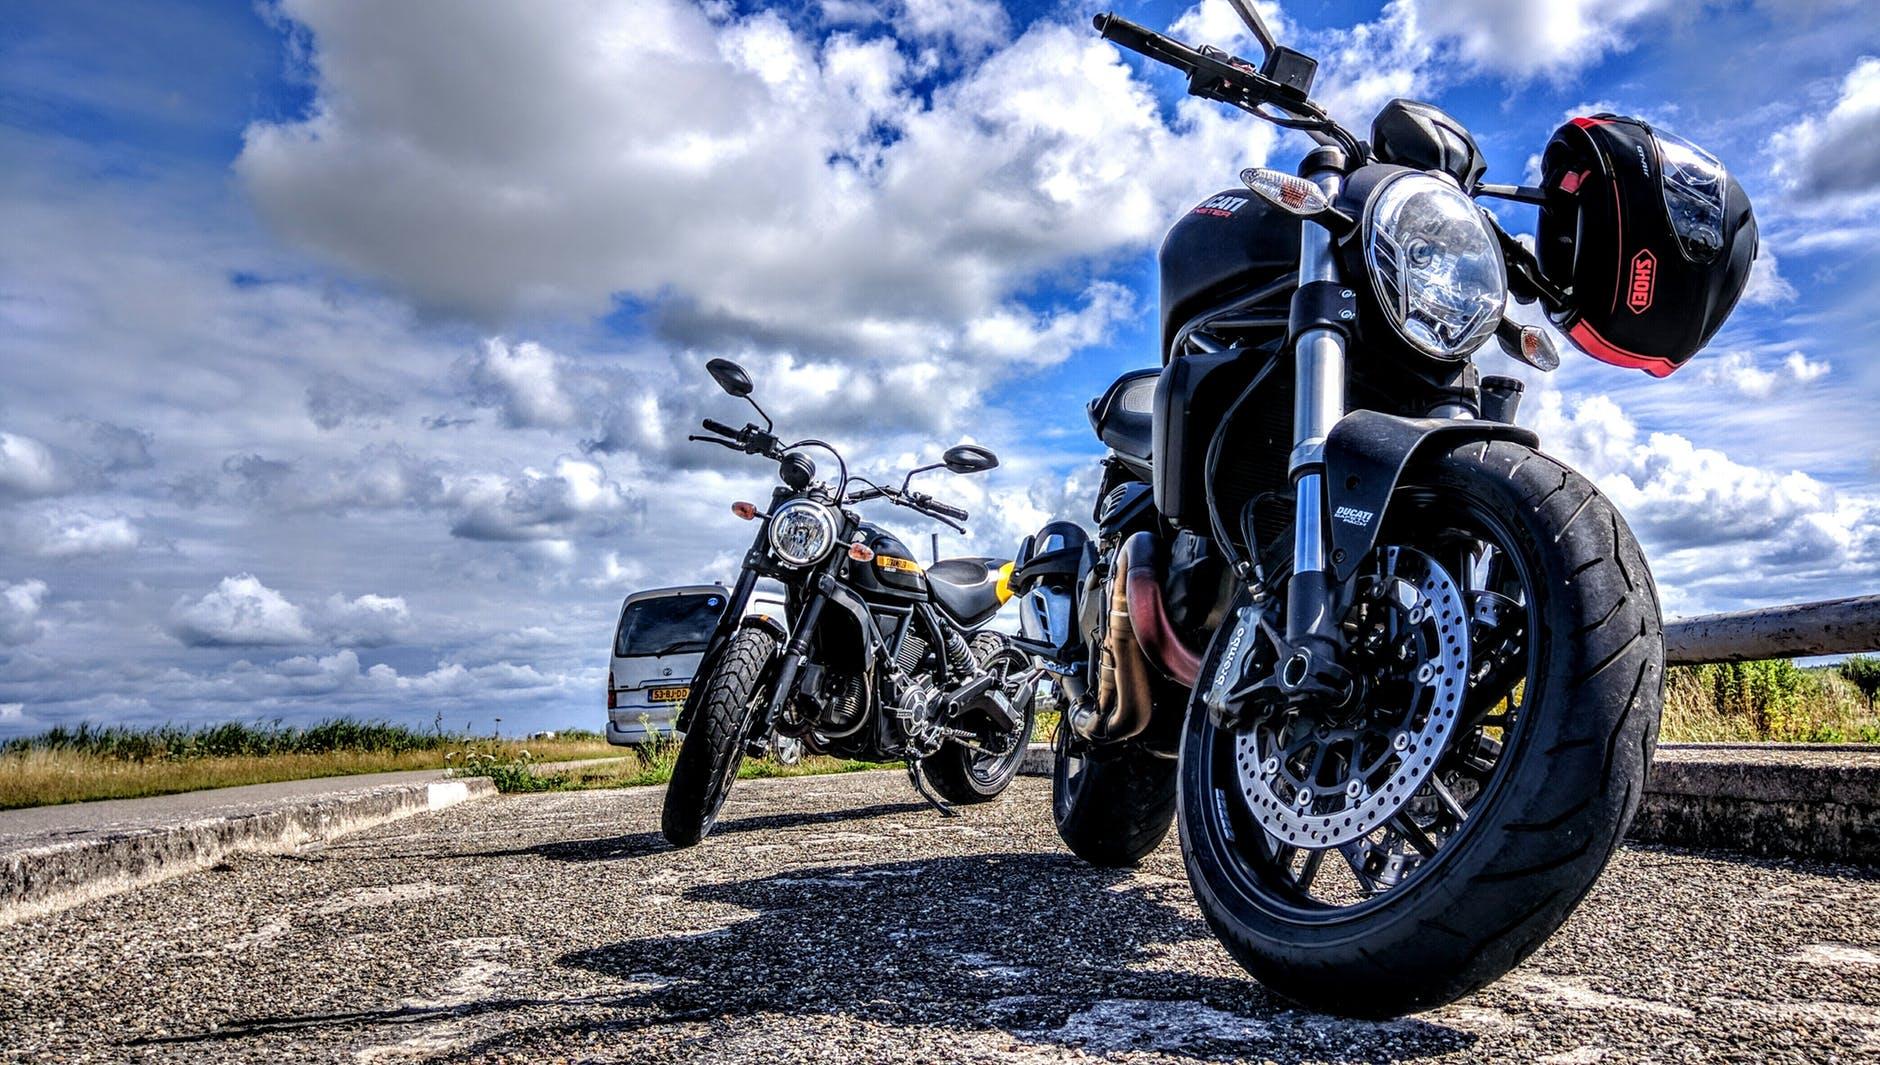 czyszczenie motocyklu